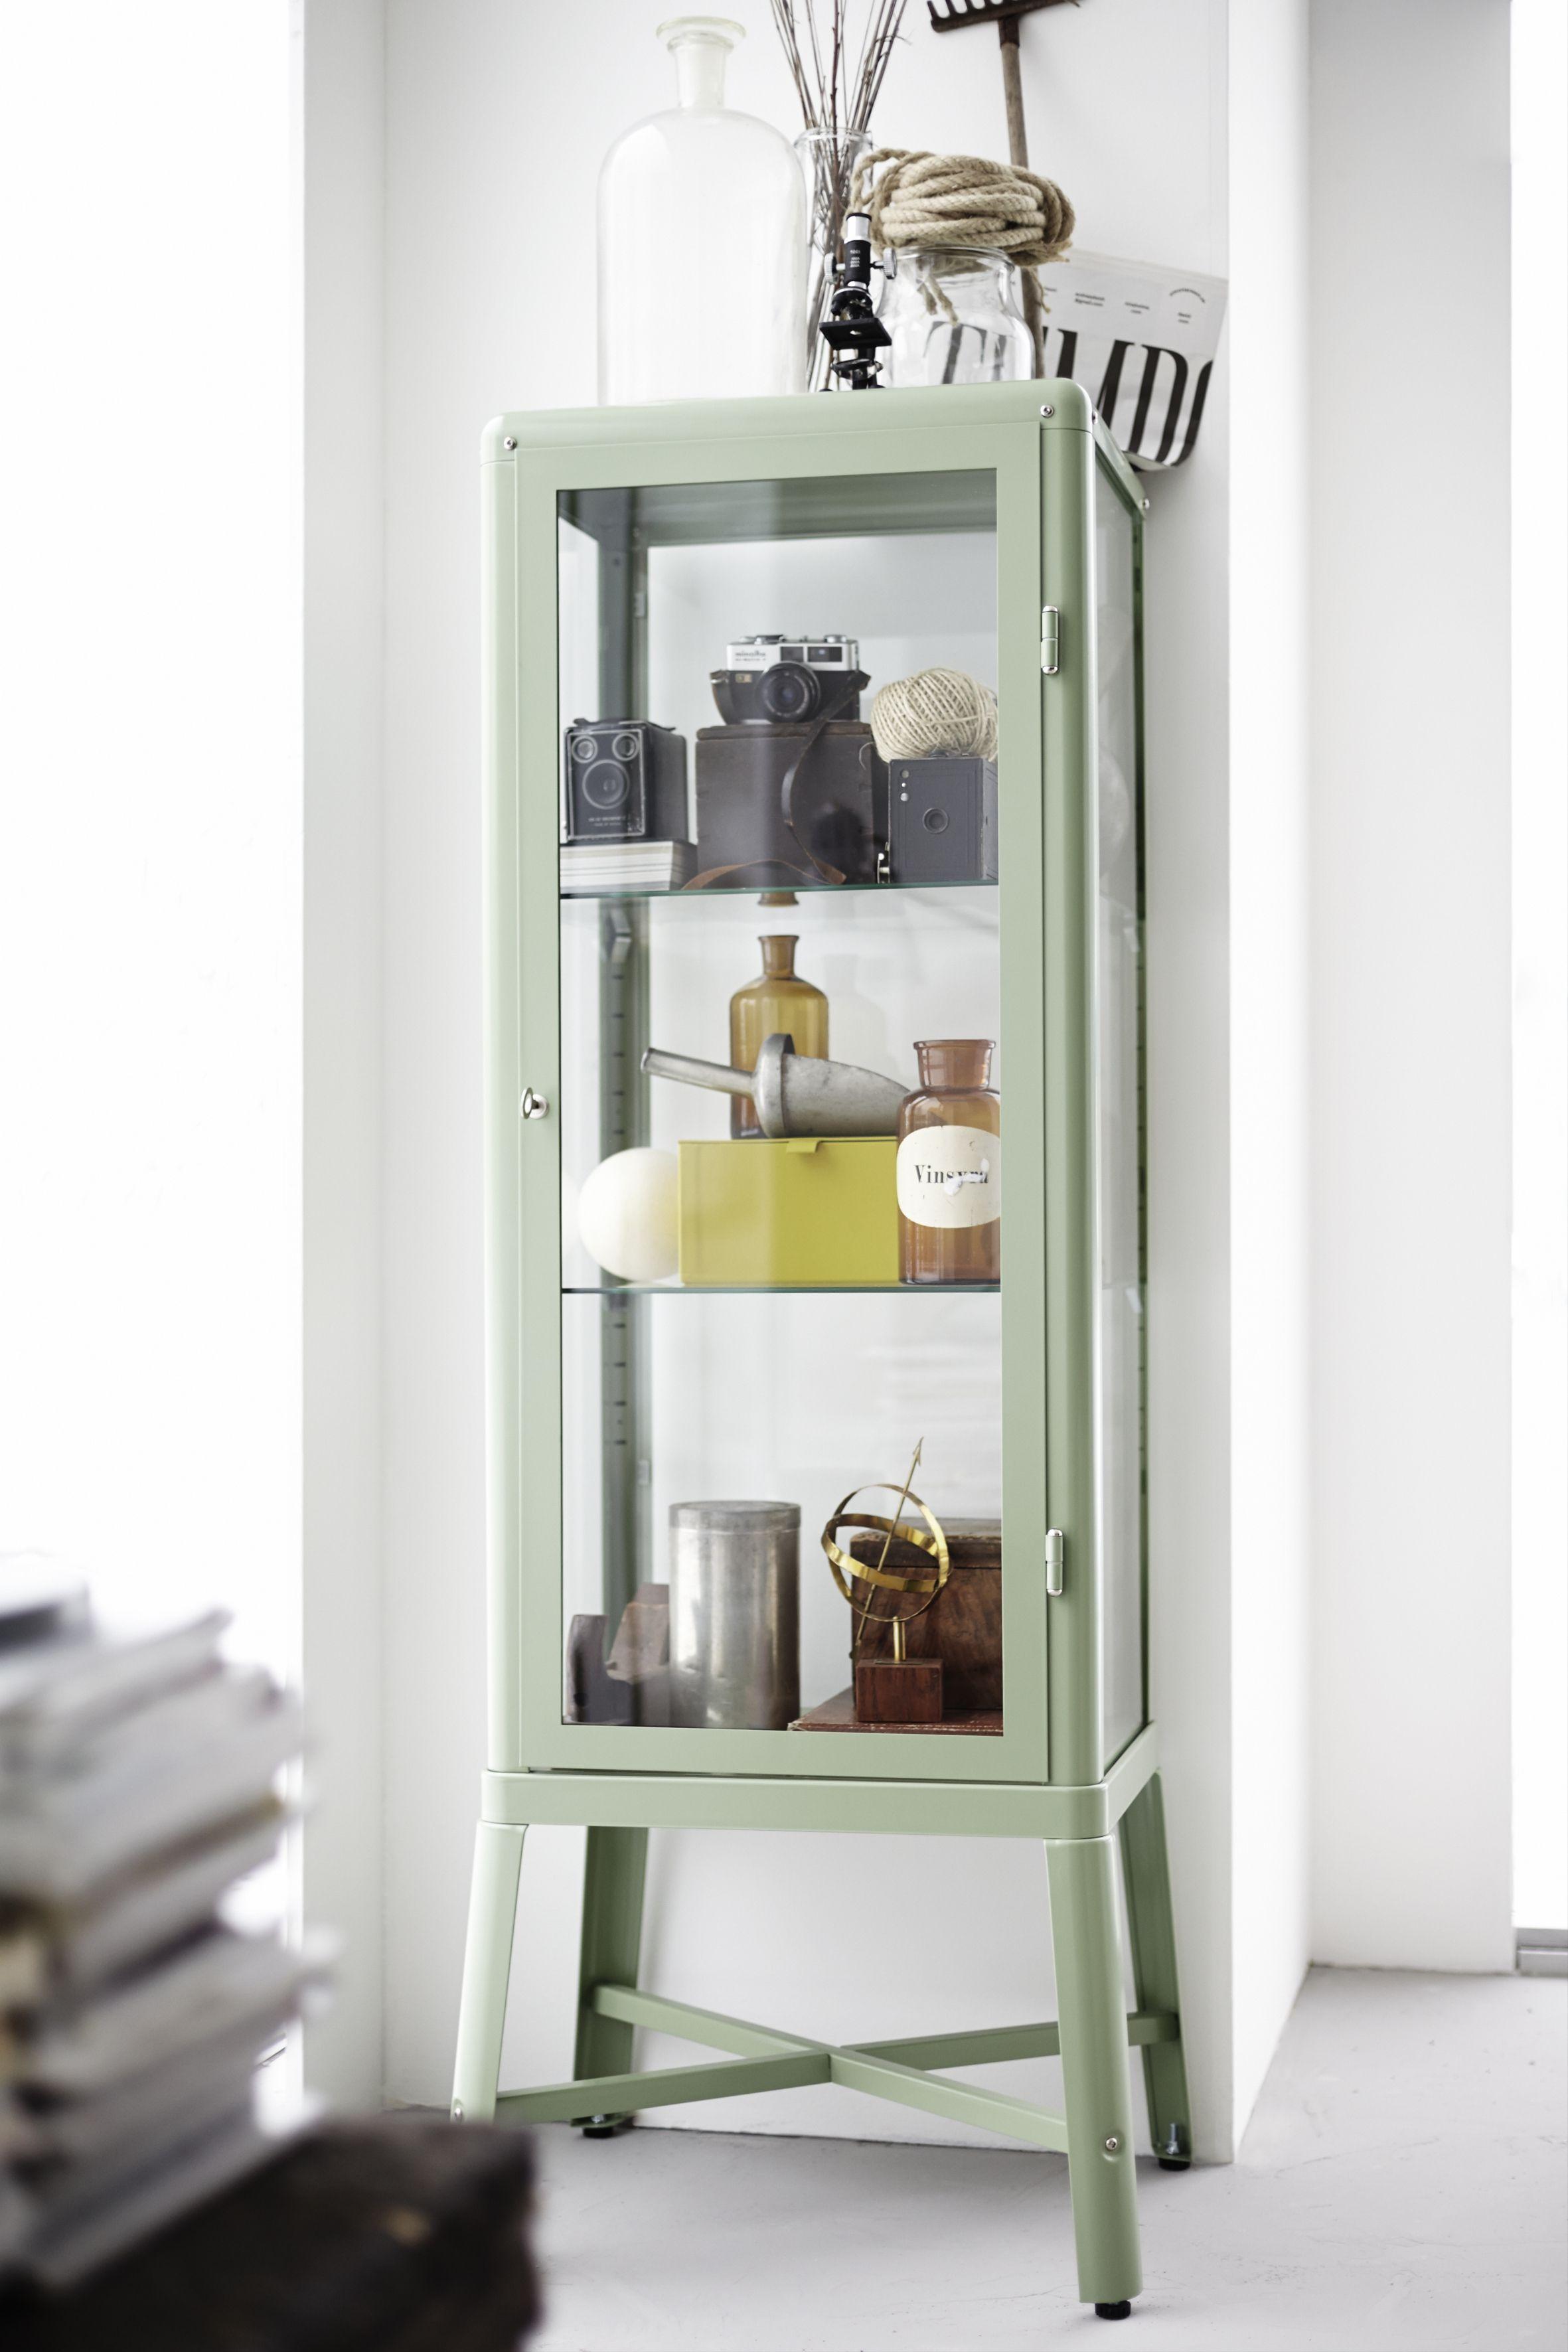 Zeer FABRIKÖR vitrinekast | #IKEA #opbergen #vitrine #kast #interieur  &QQ22